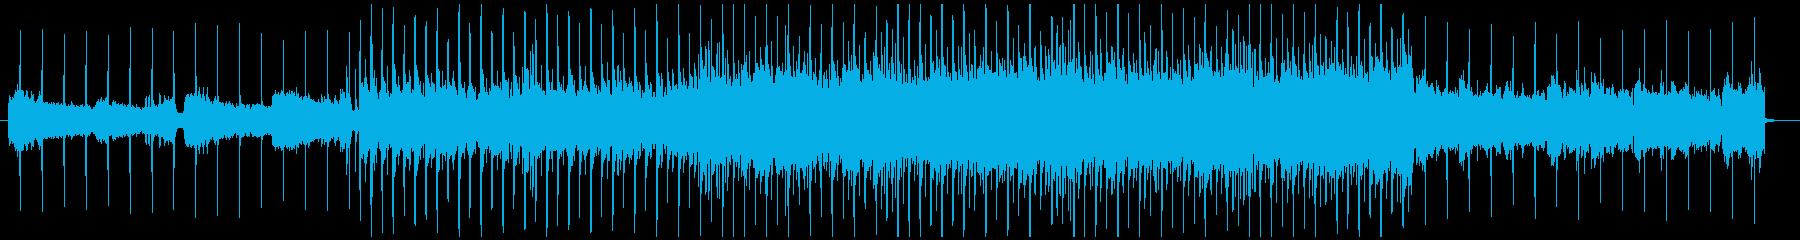 シティポップ風コーラスミュージックの再生済みの波形